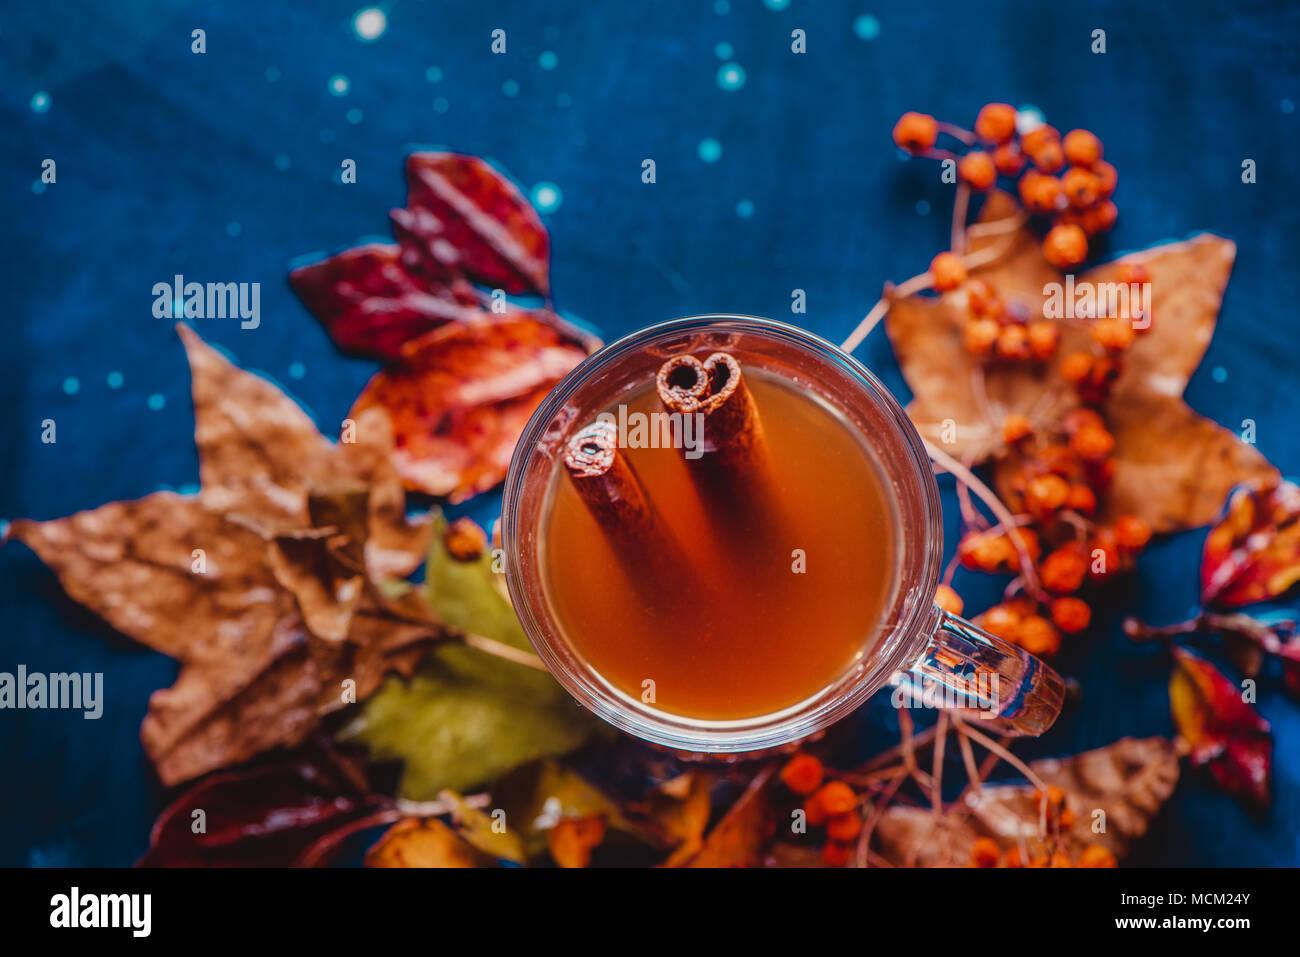 Thé à la cannelle télévision jeter avec les feuilles tombées. Tasse de thé en verre sur un fond de bois humide avec l'exemplaire de l'espace. Automne Nature morte avec des boissons à base de plantes. Banque D'Images